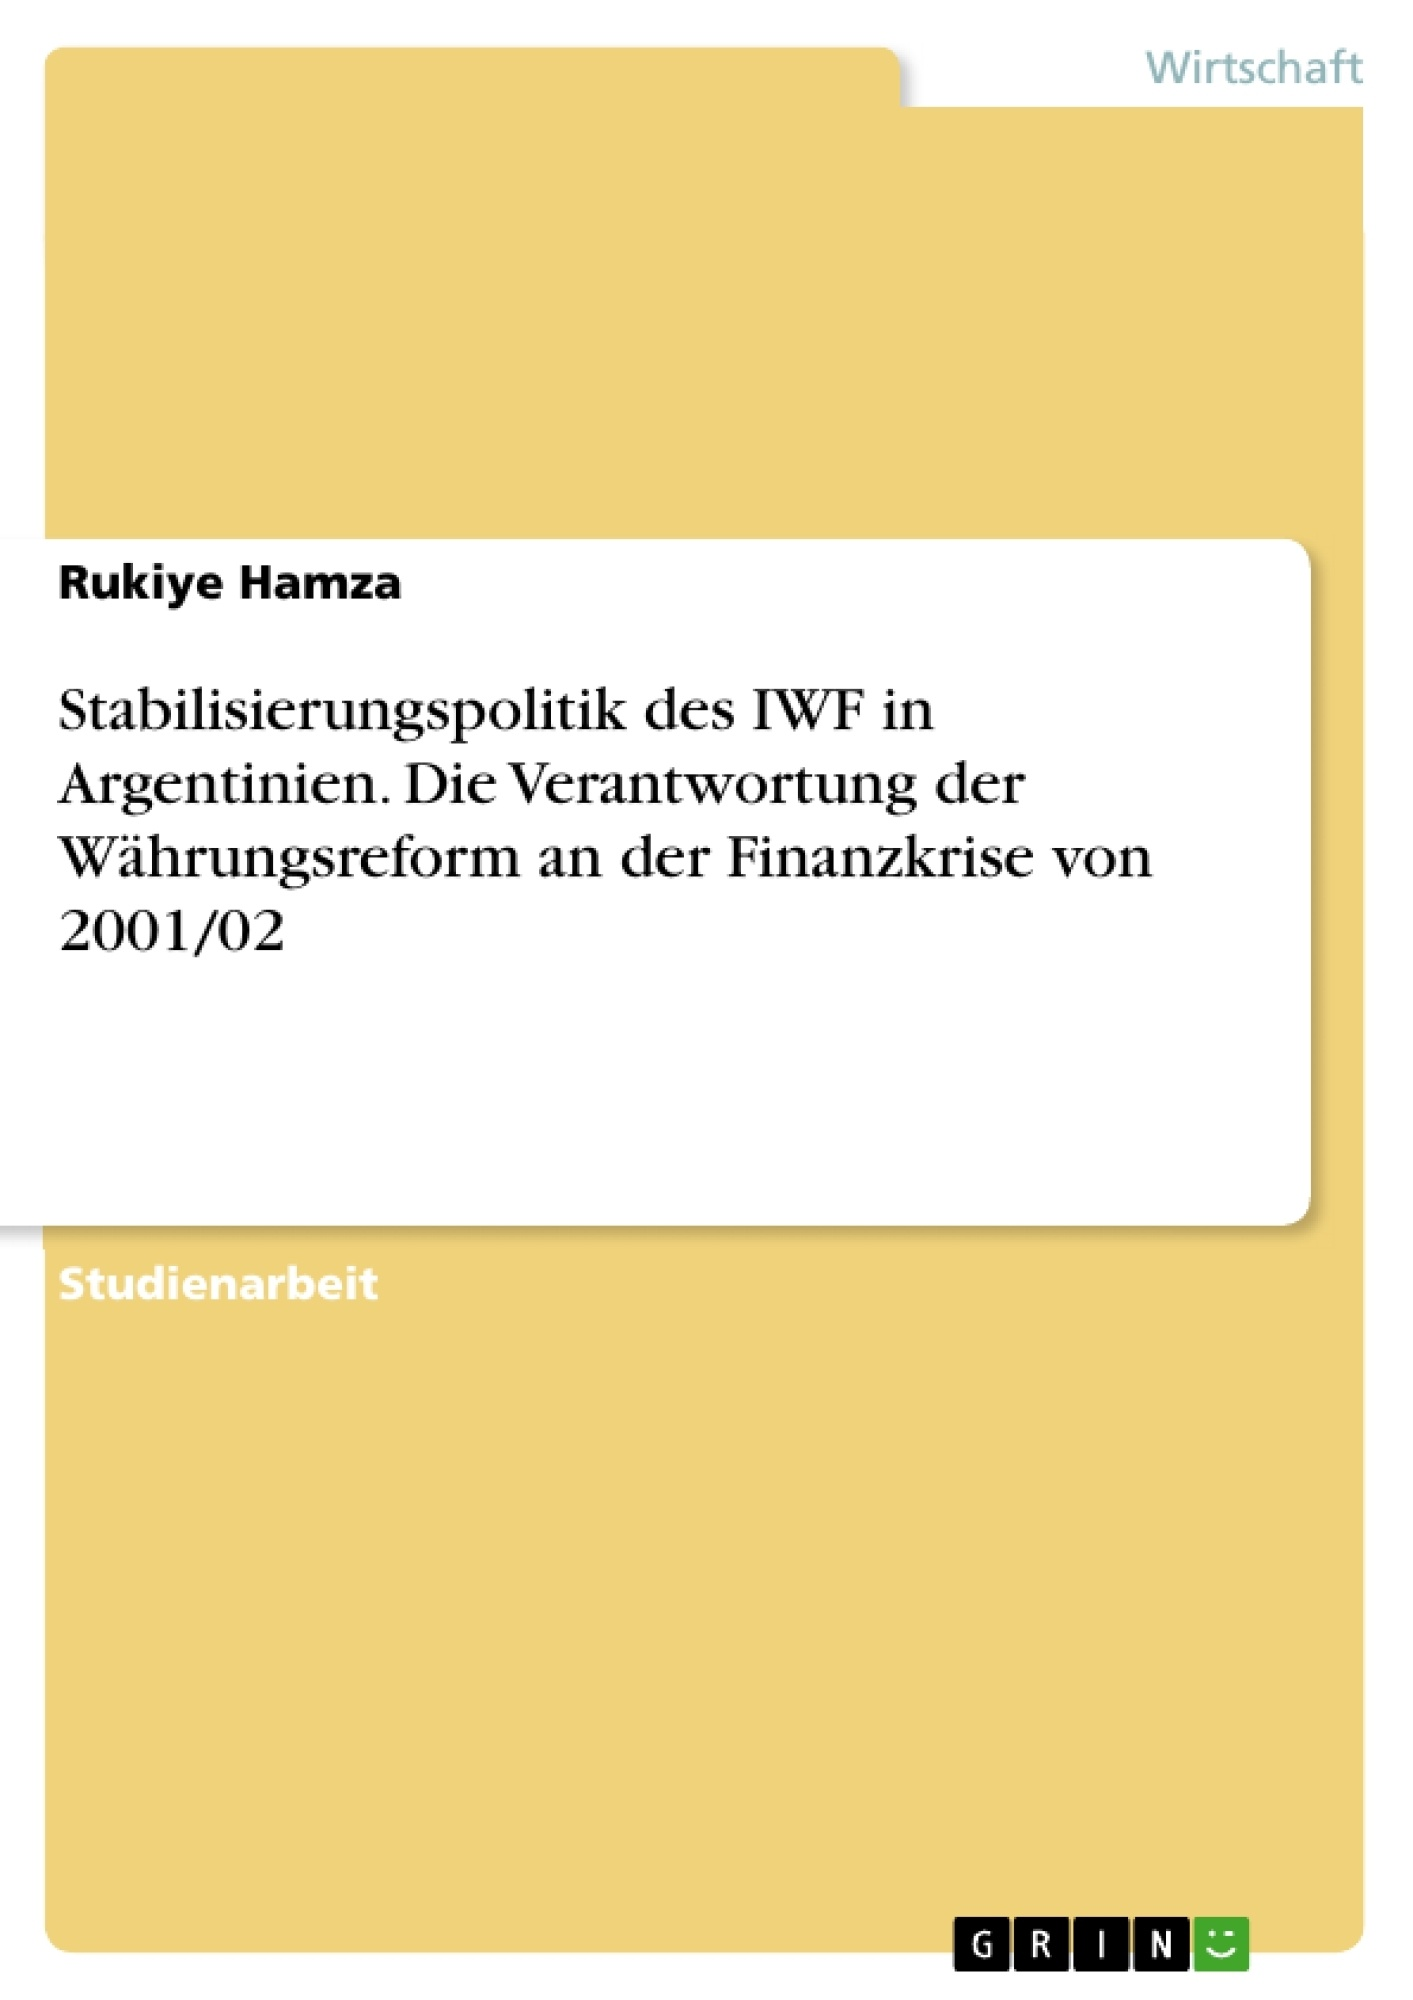 Titel: Stabilisierungspolitik des IWF in Argentinien. Die Verantwortung der Währungsreform an der Finanzkrise von 2001/02